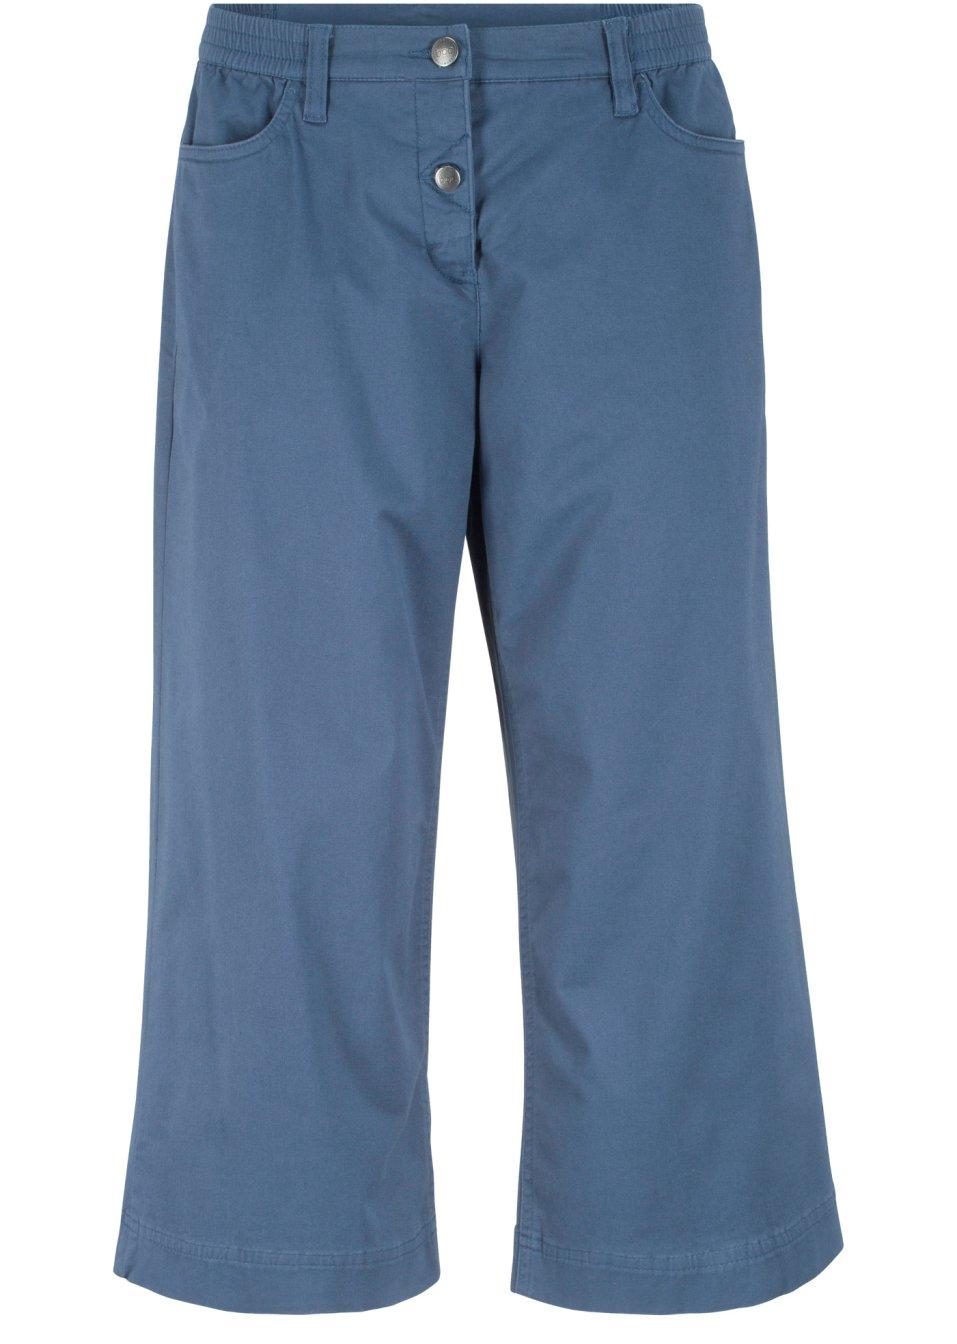 Extra-weit geschnittene Hose mit teilelastischem Bund und Gürtelschlaufen - indigo zUhgv OciDA